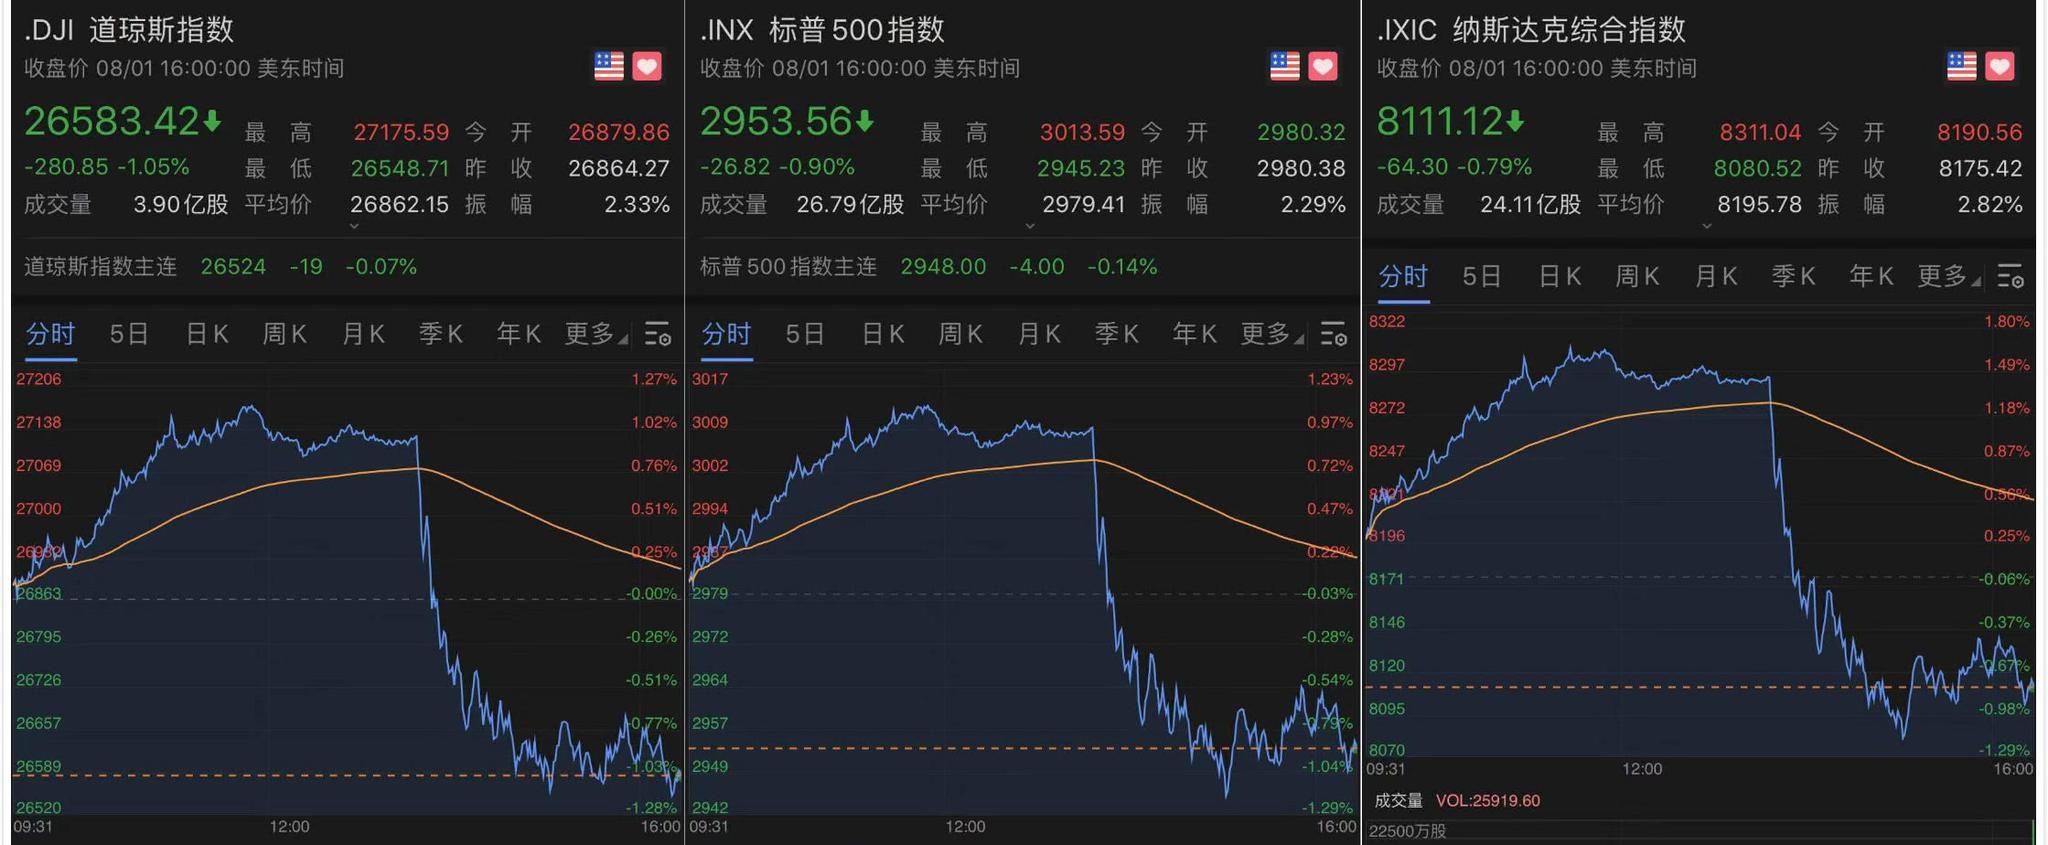 美股闪崩,亚洲股市追随隔夜跌势